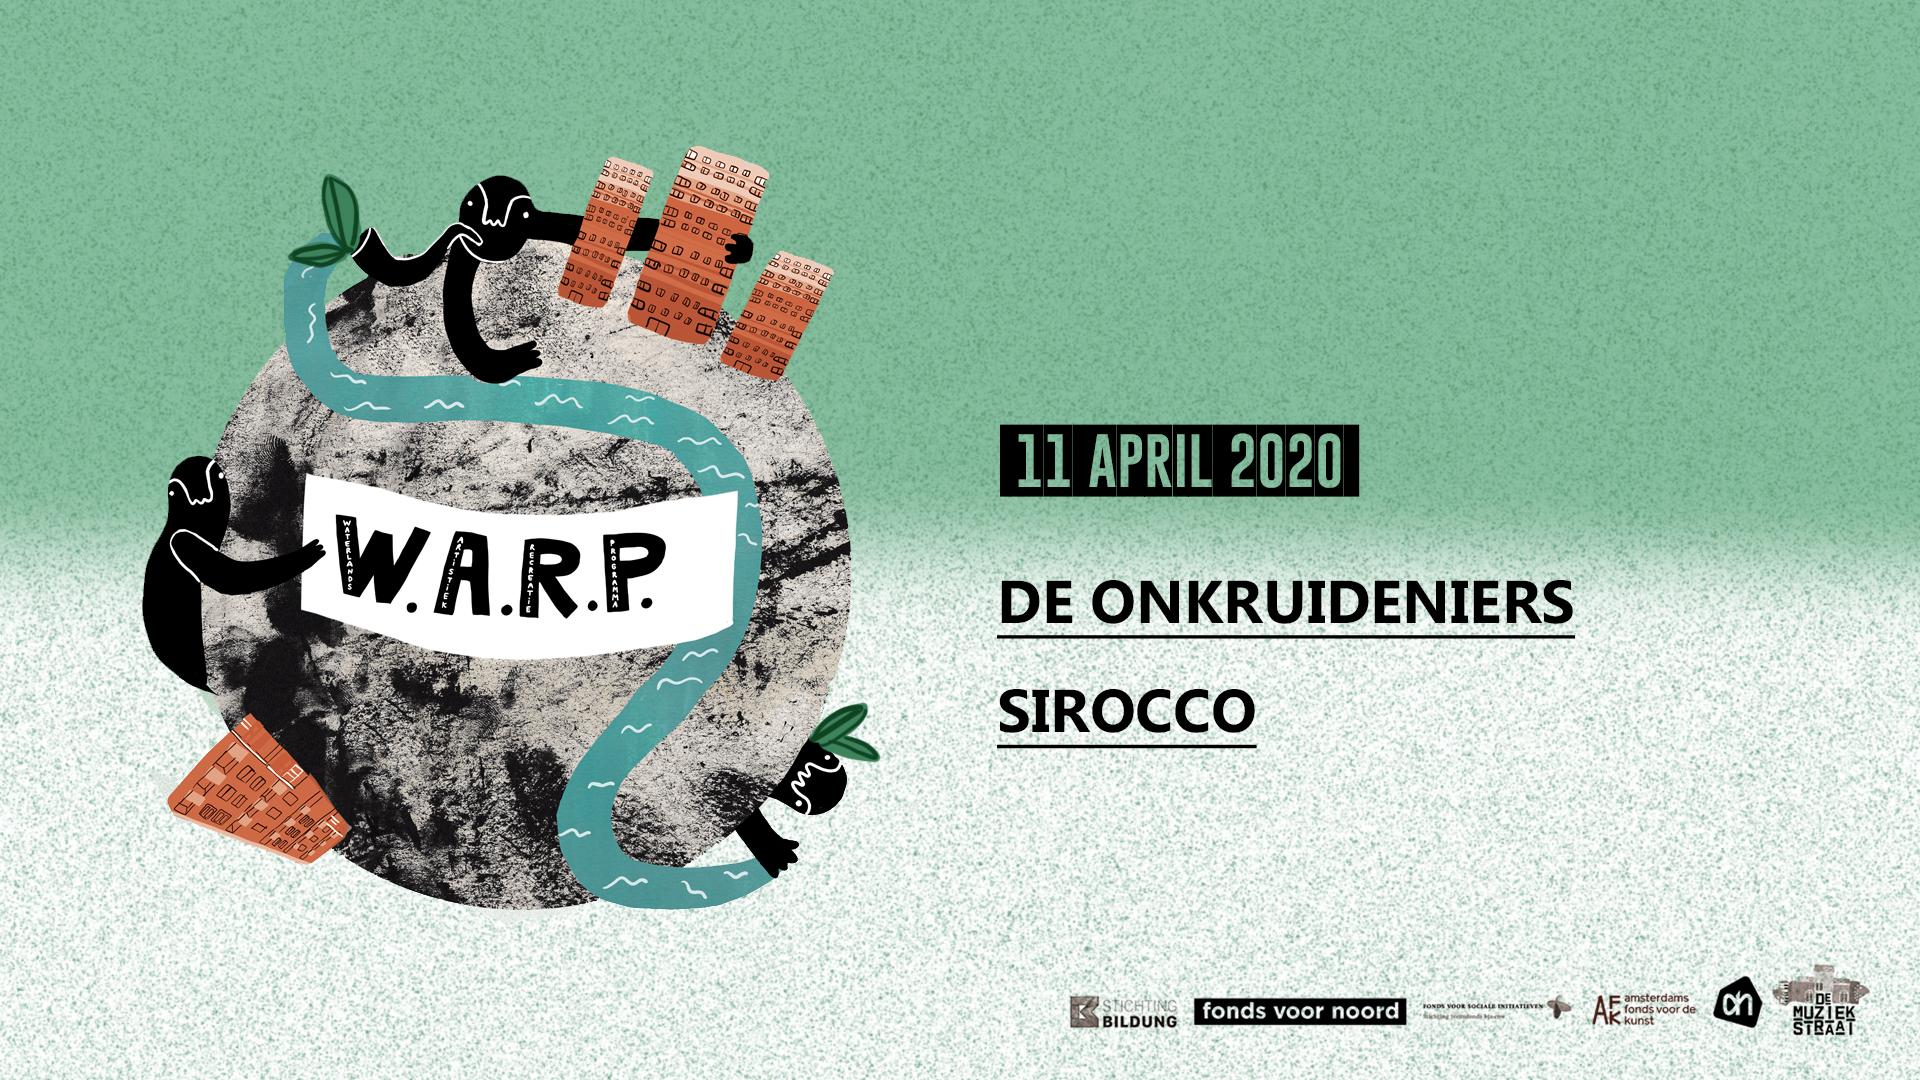 W.A.R.P – met Sirocco en De Onkruidenier